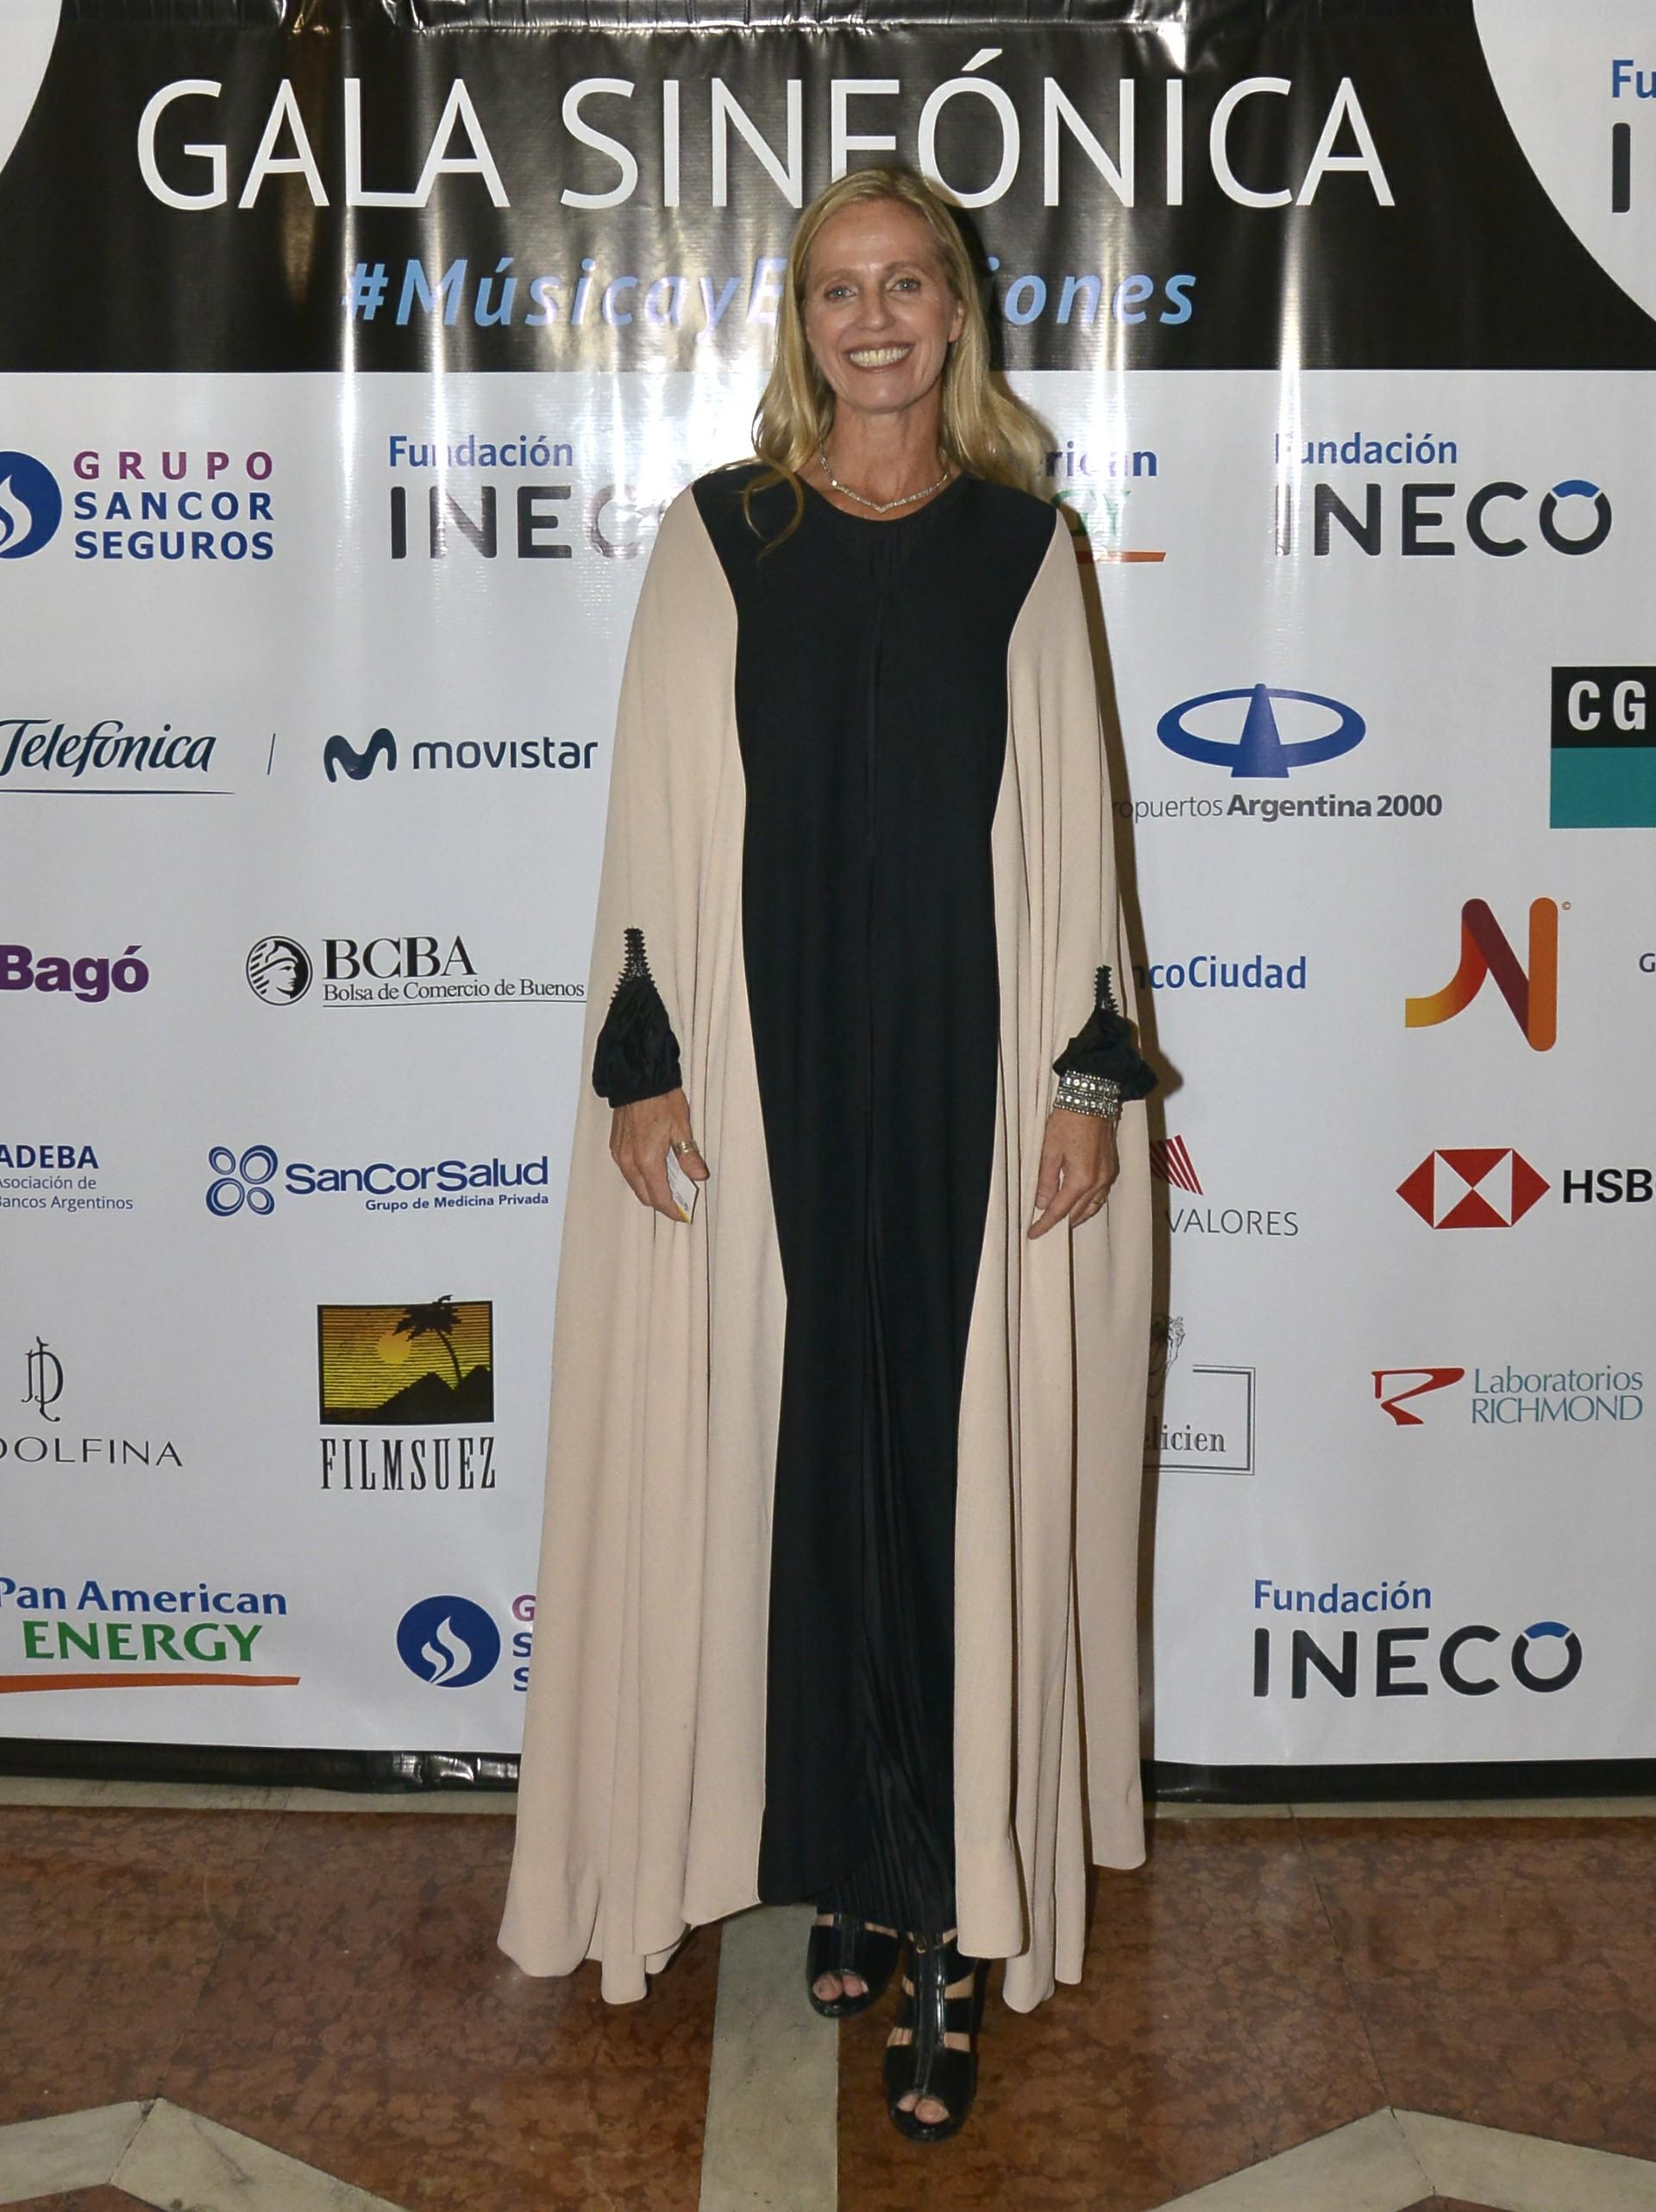 Resultado de imagen para Primera Gala Sinfónica a beneficio de Fundación INECO